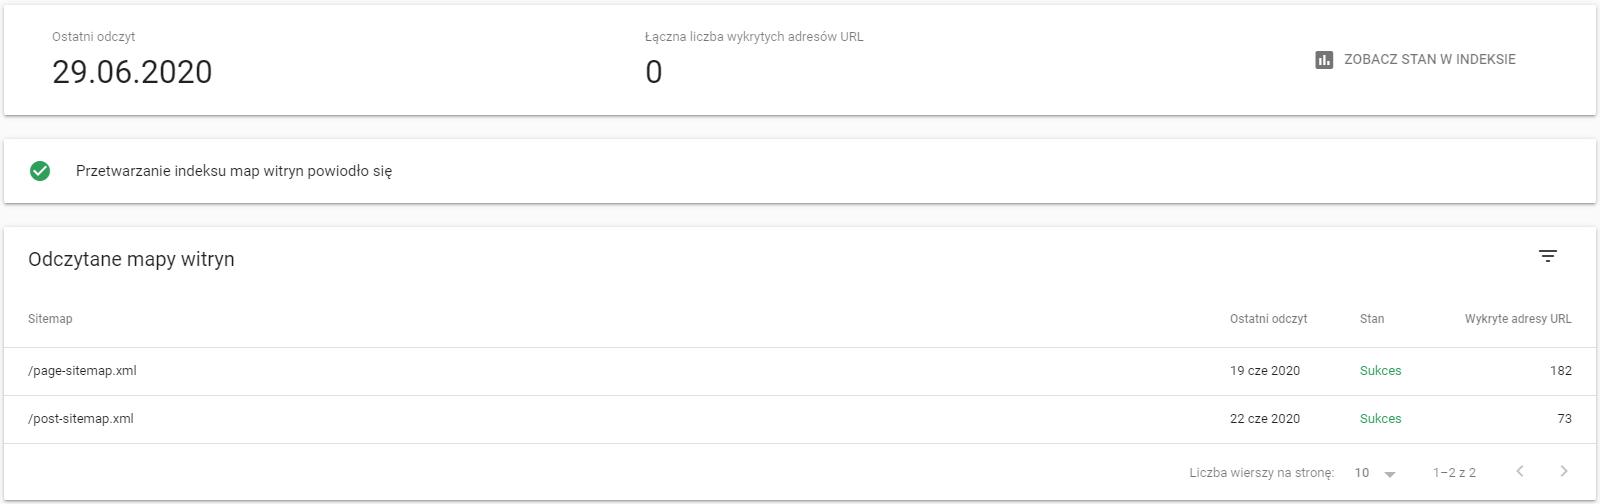 Odczytywanie sitemapy w Google Search Console